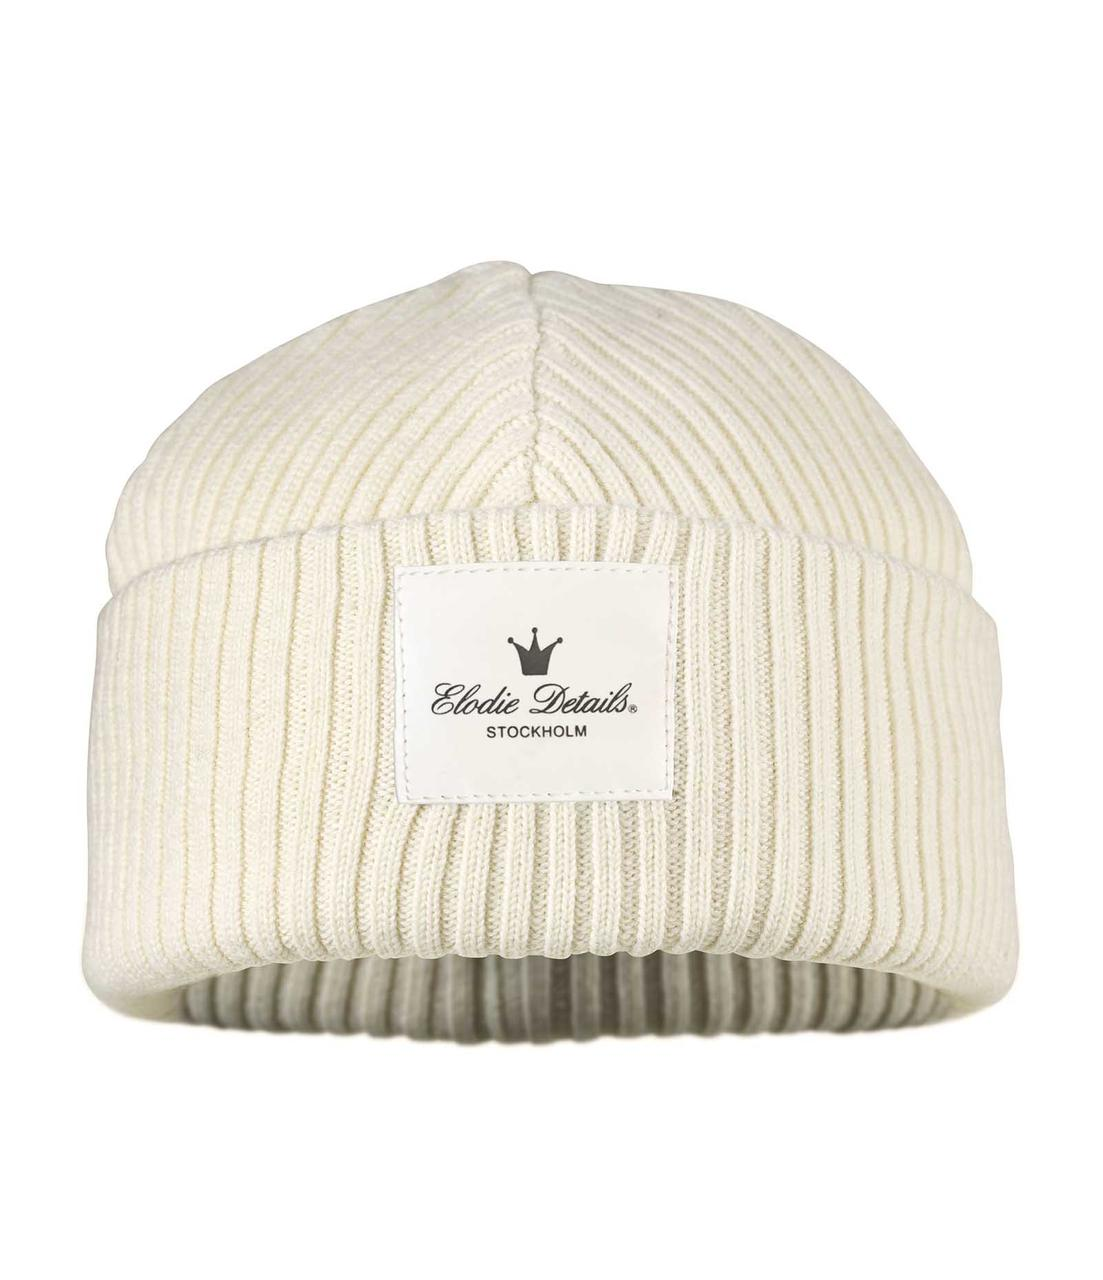 Elodie Details - Детская шерстяная шапка Vanilla White, 0-6 m